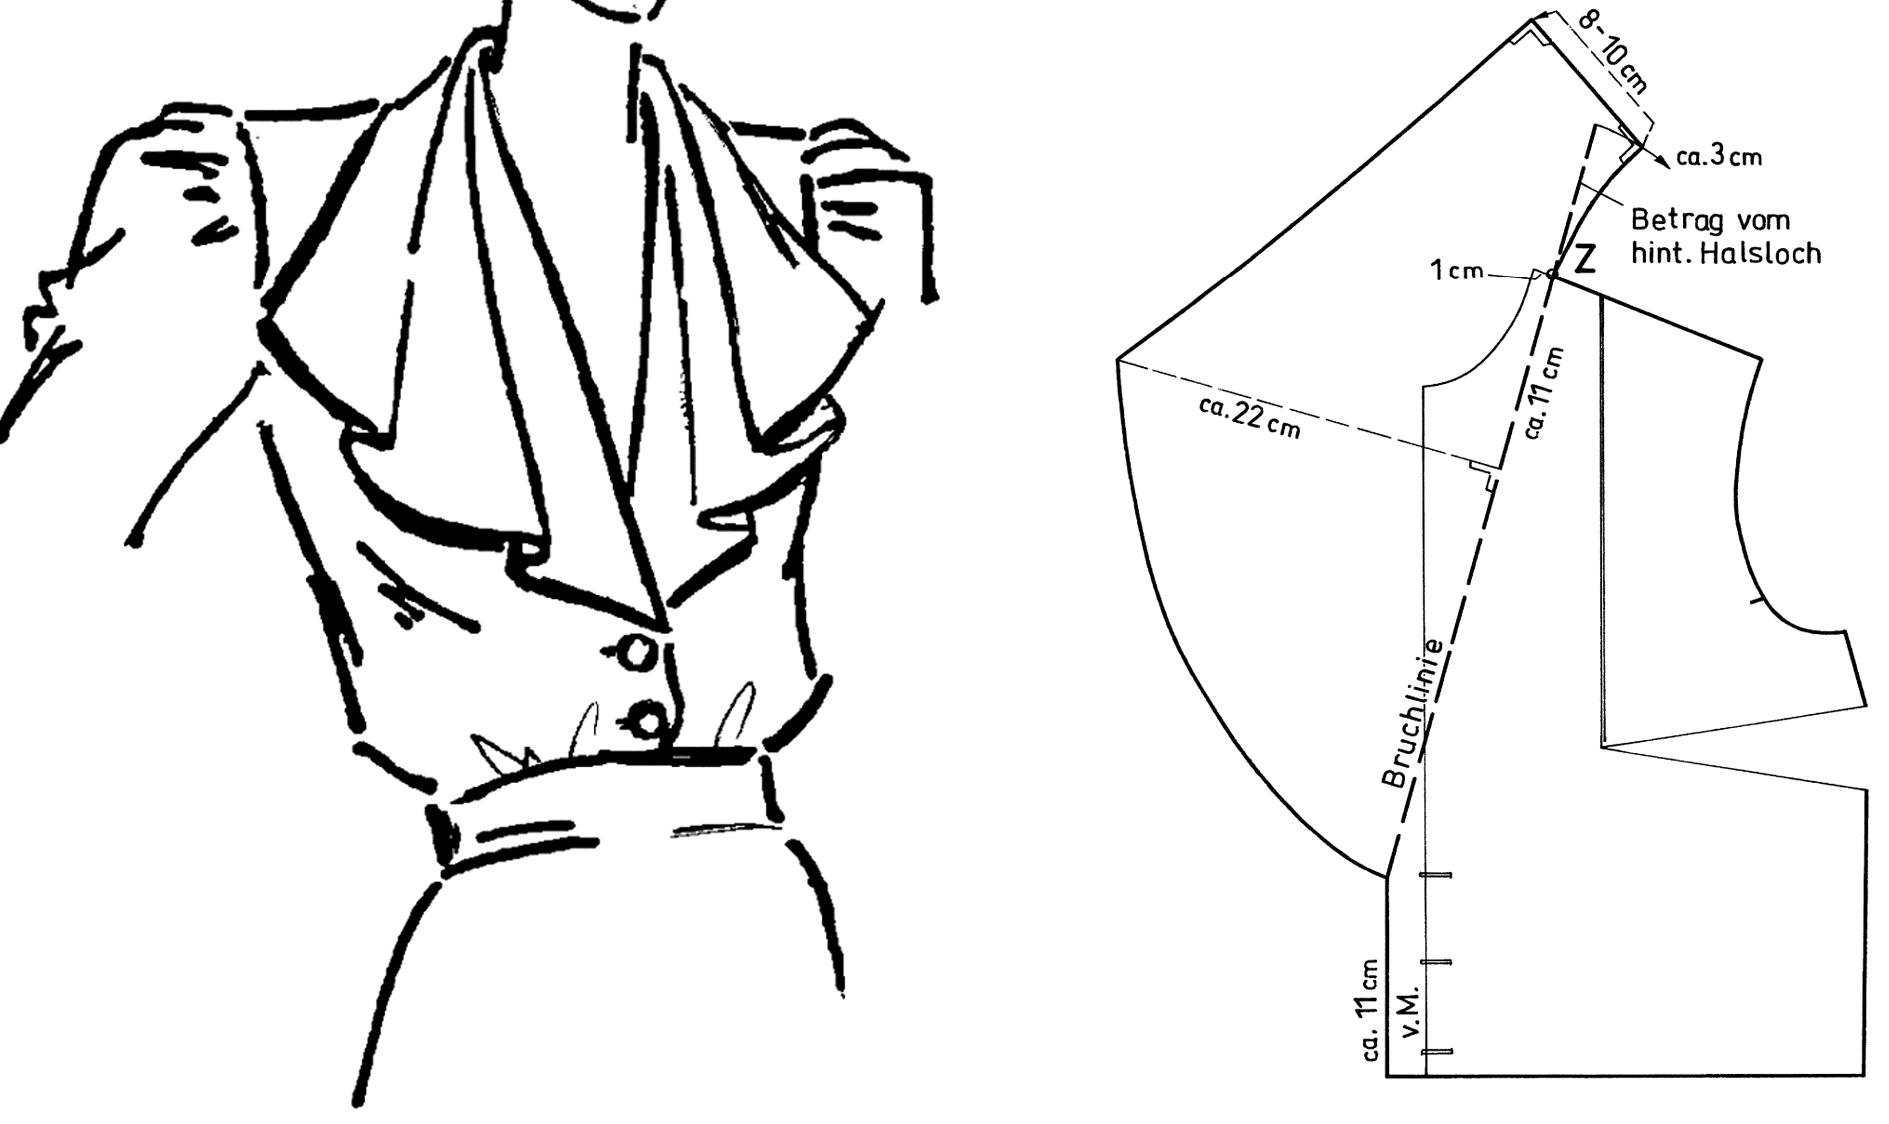 Zu sehen ist die technische Zeichnung imklusive Schnittkonstruktion eines Wasserfallkragens.